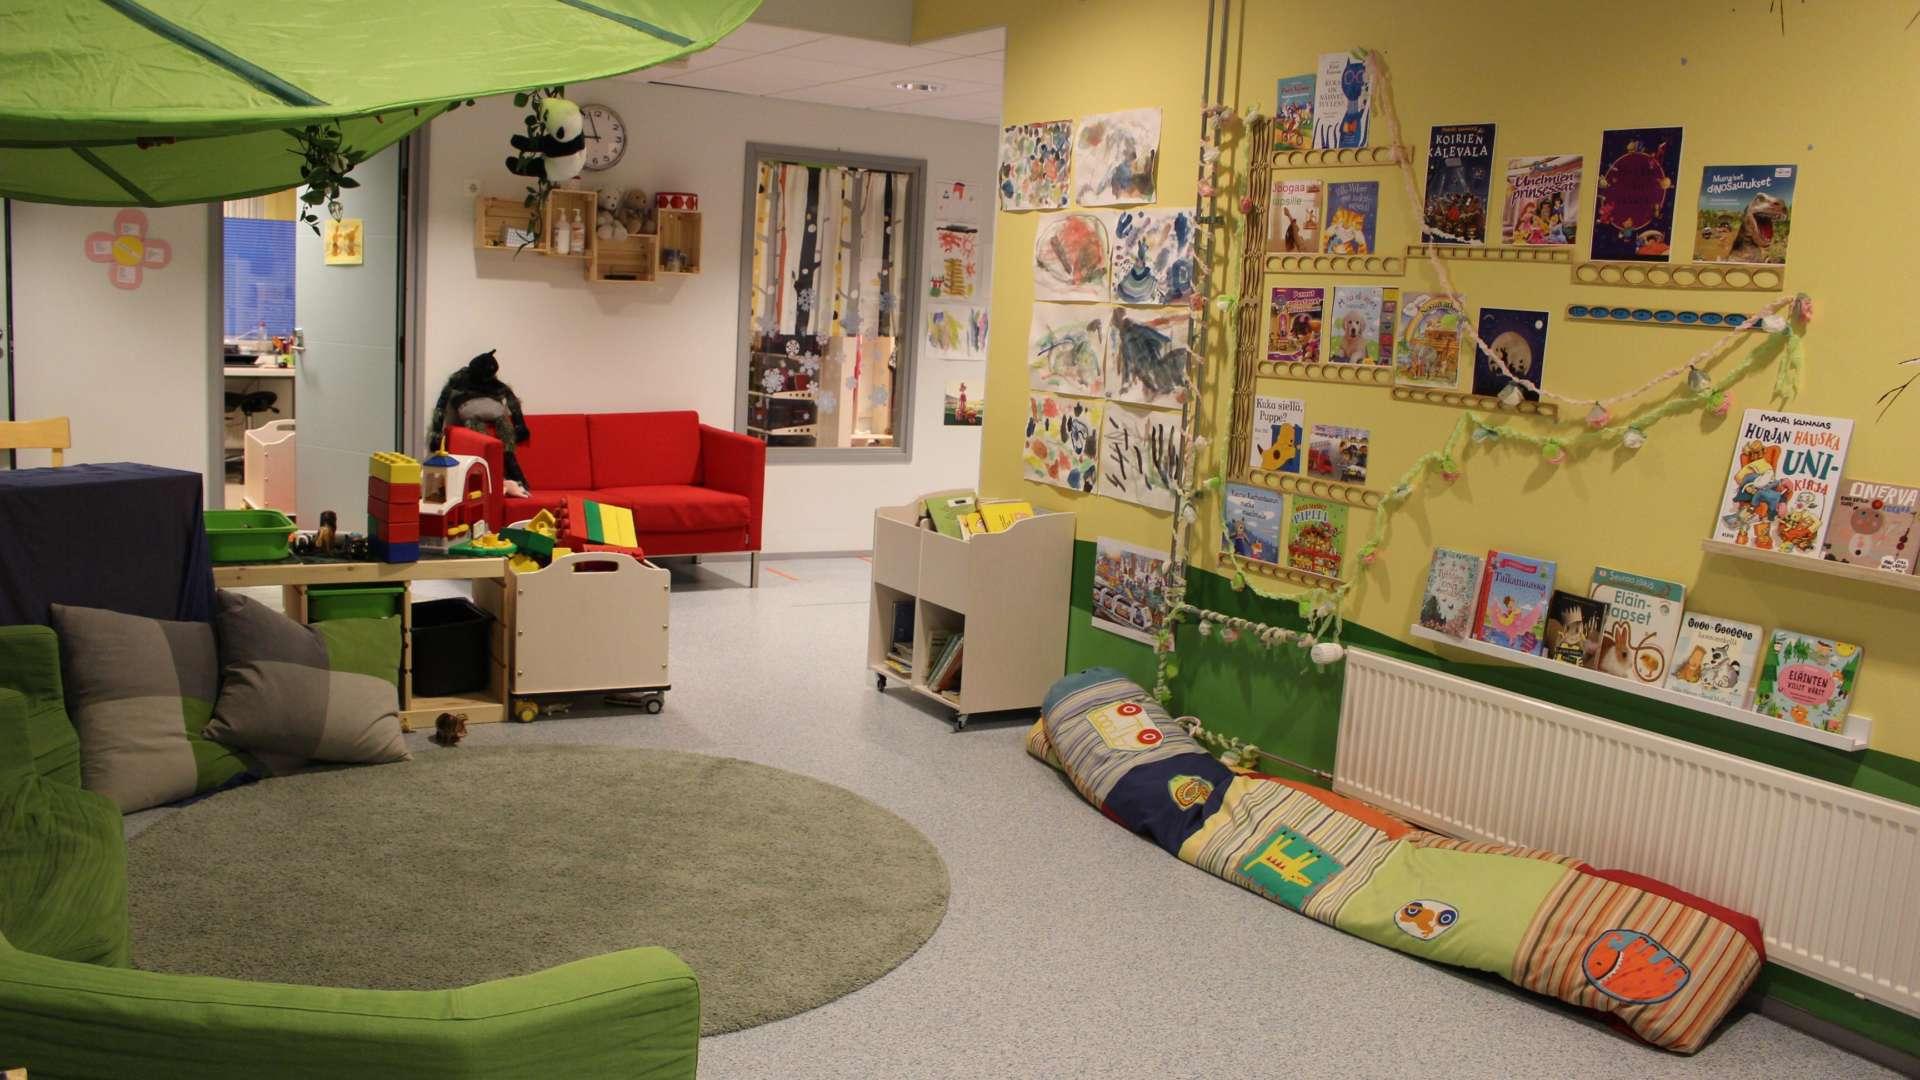 Päiväkodin huone, jossa muun muassa piirustuksia seinällä ja kirjoja hyllyssä ja leikkikaluja. Huoneessa on punainen sohva ja tyynyjä lattialla.